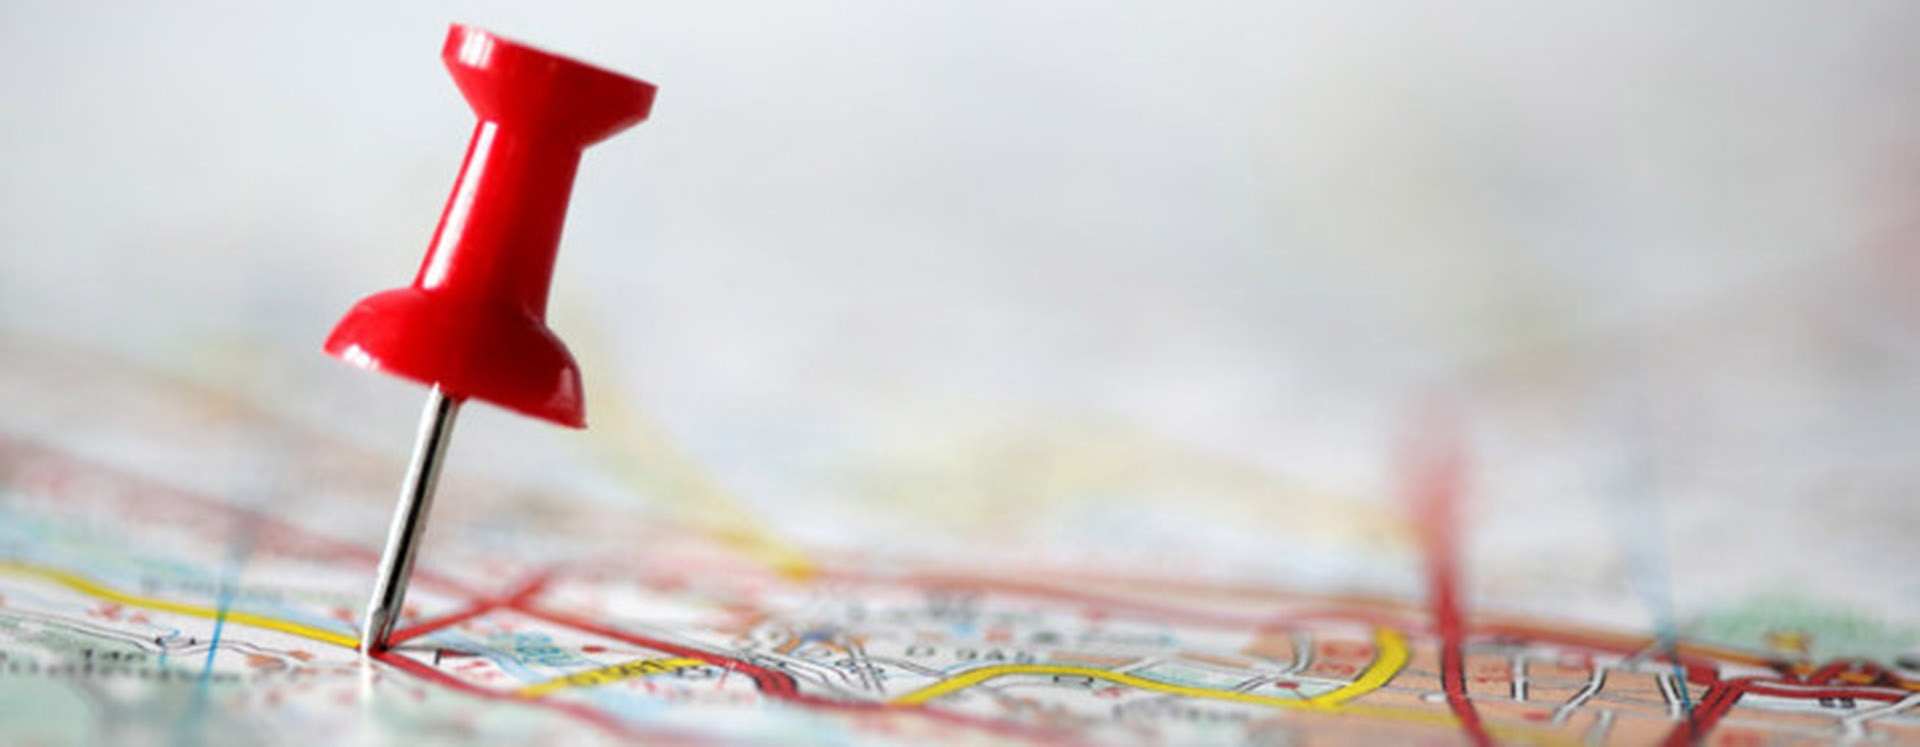 Pin in map.jpg